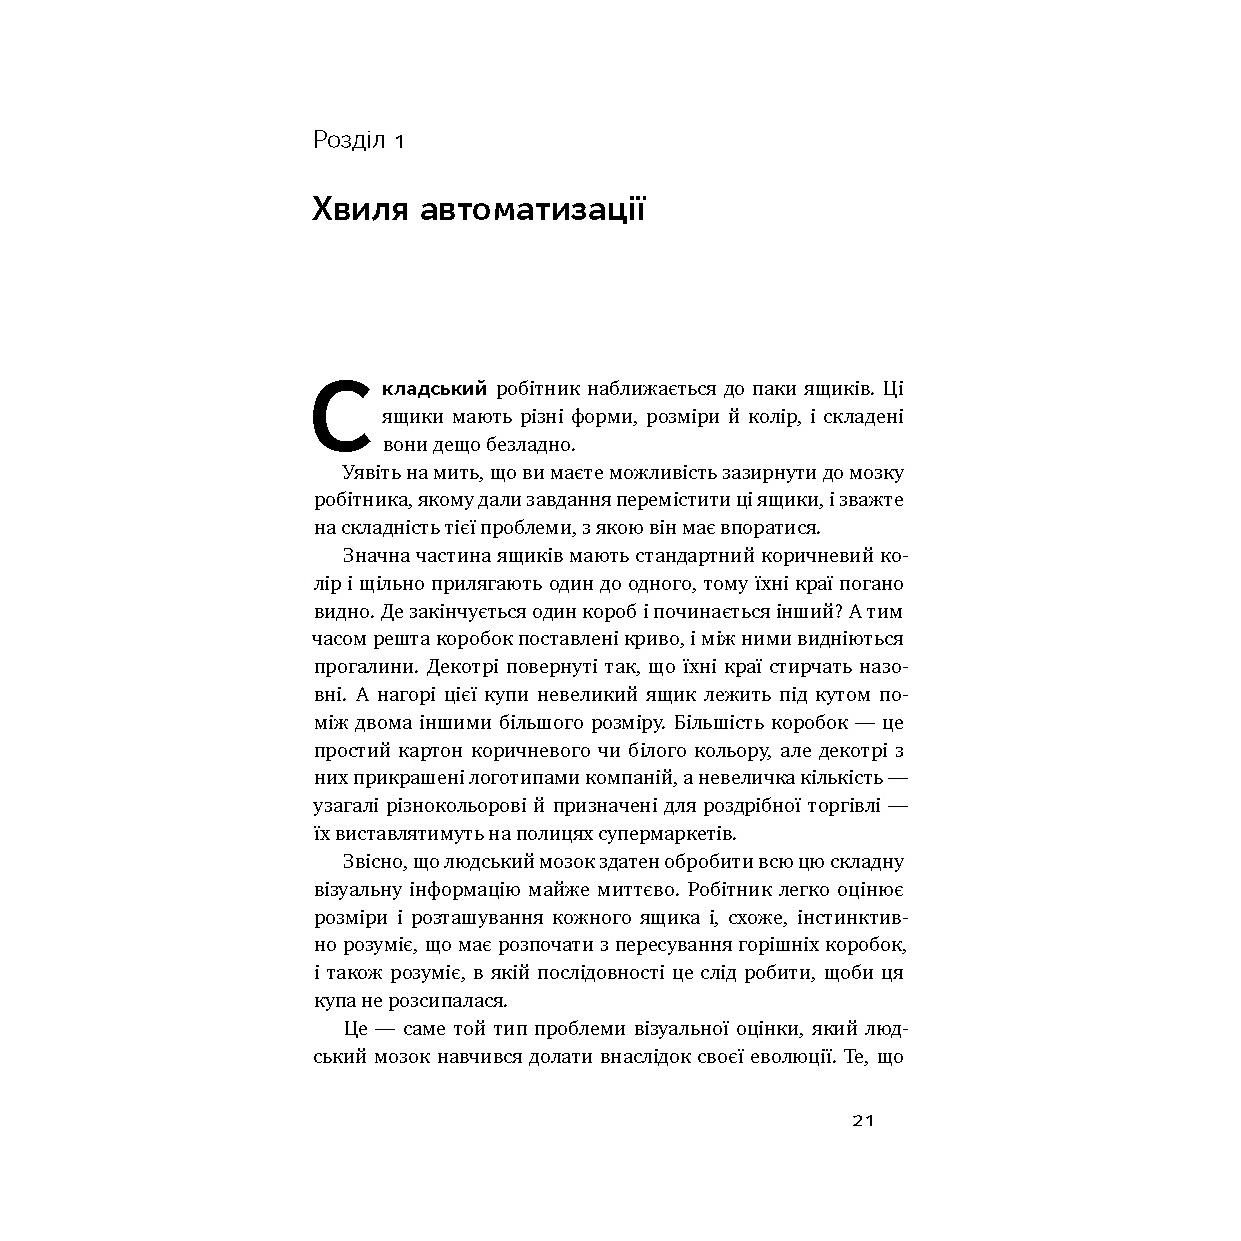 071_ford-martin_pryshestya-robotiv_prev04